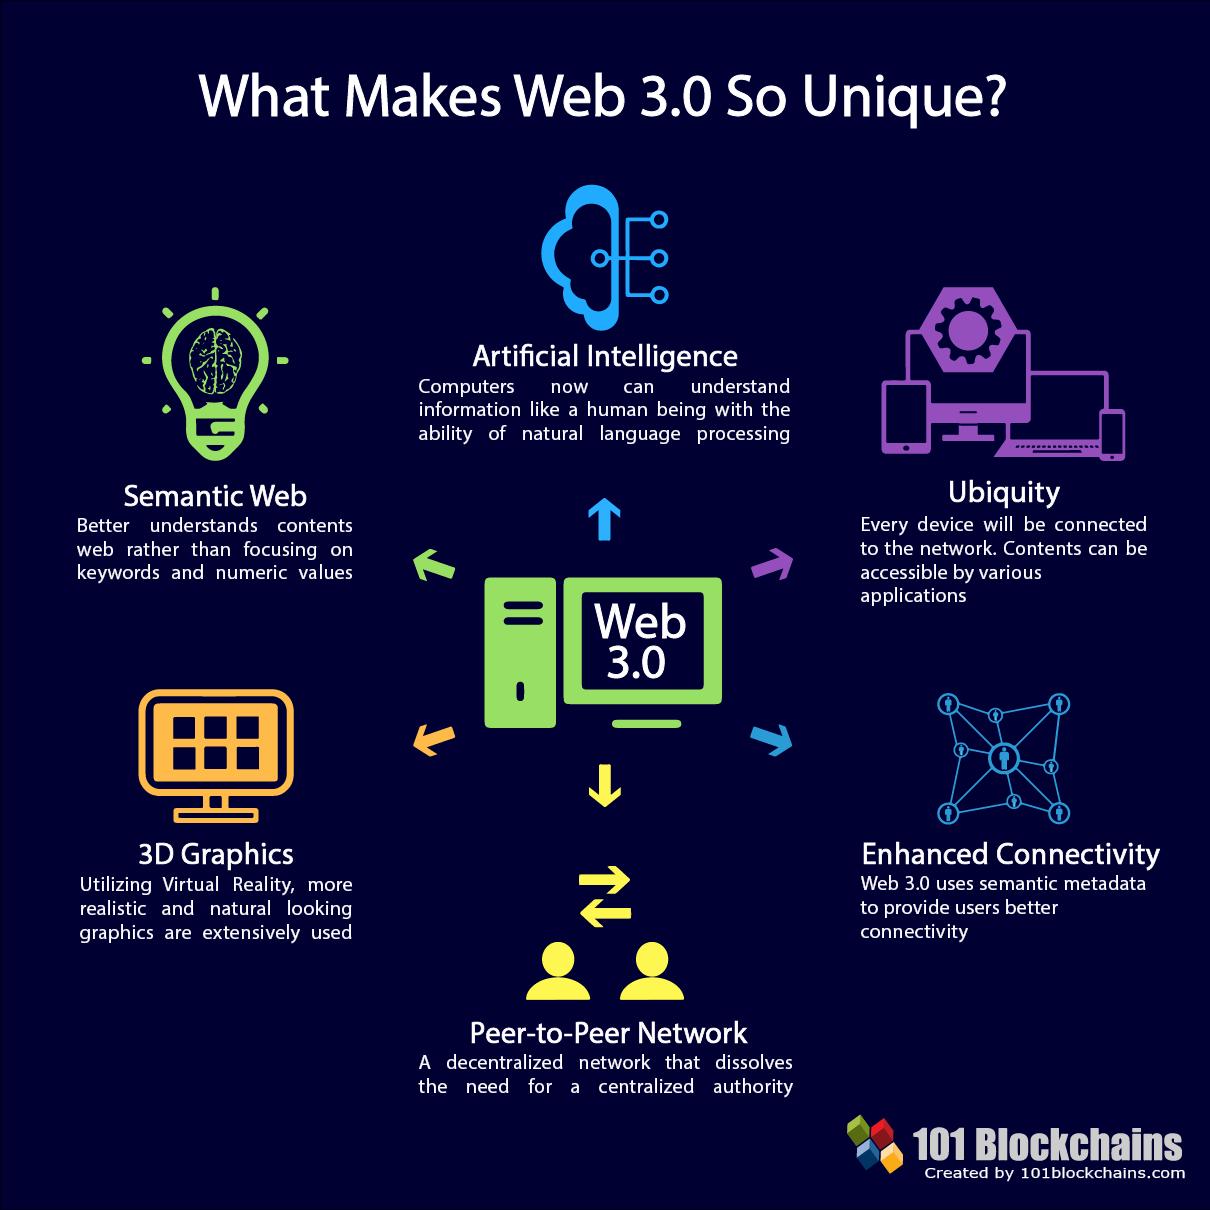 web 3.0 интернет будущего